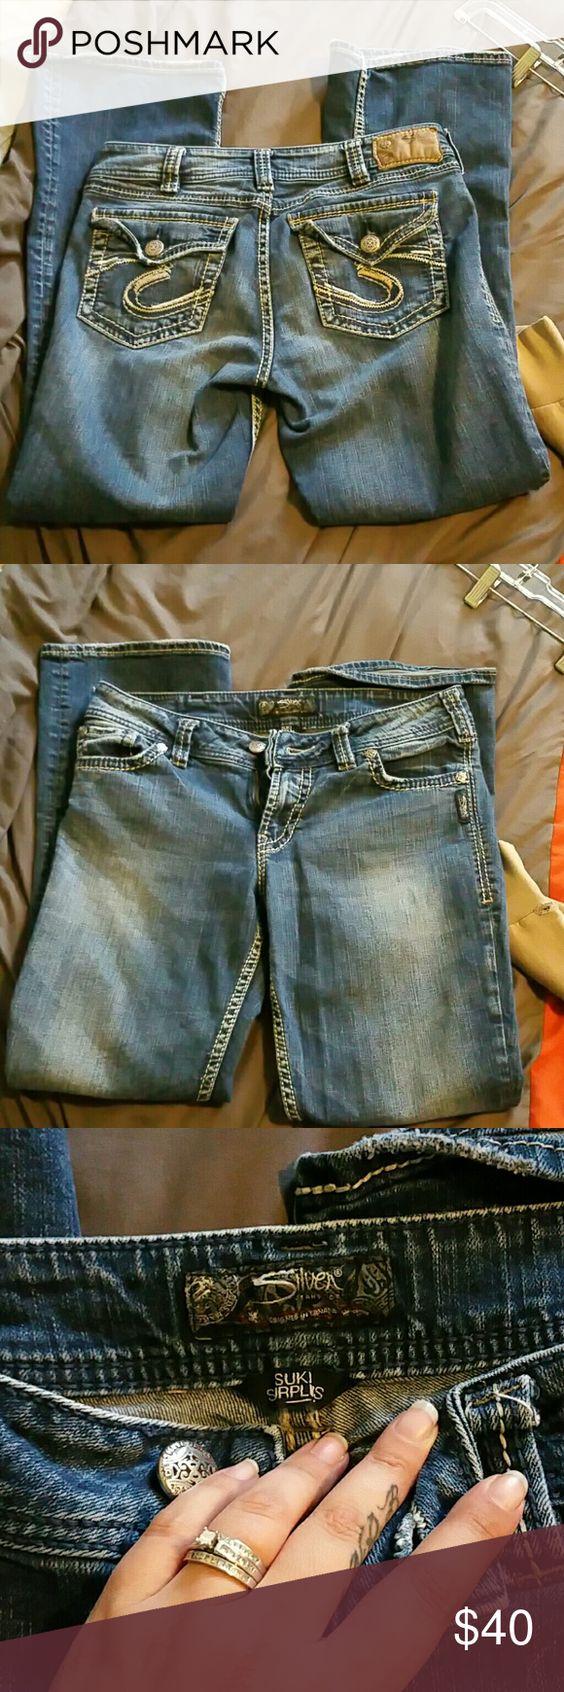 Silver suki plus jeans